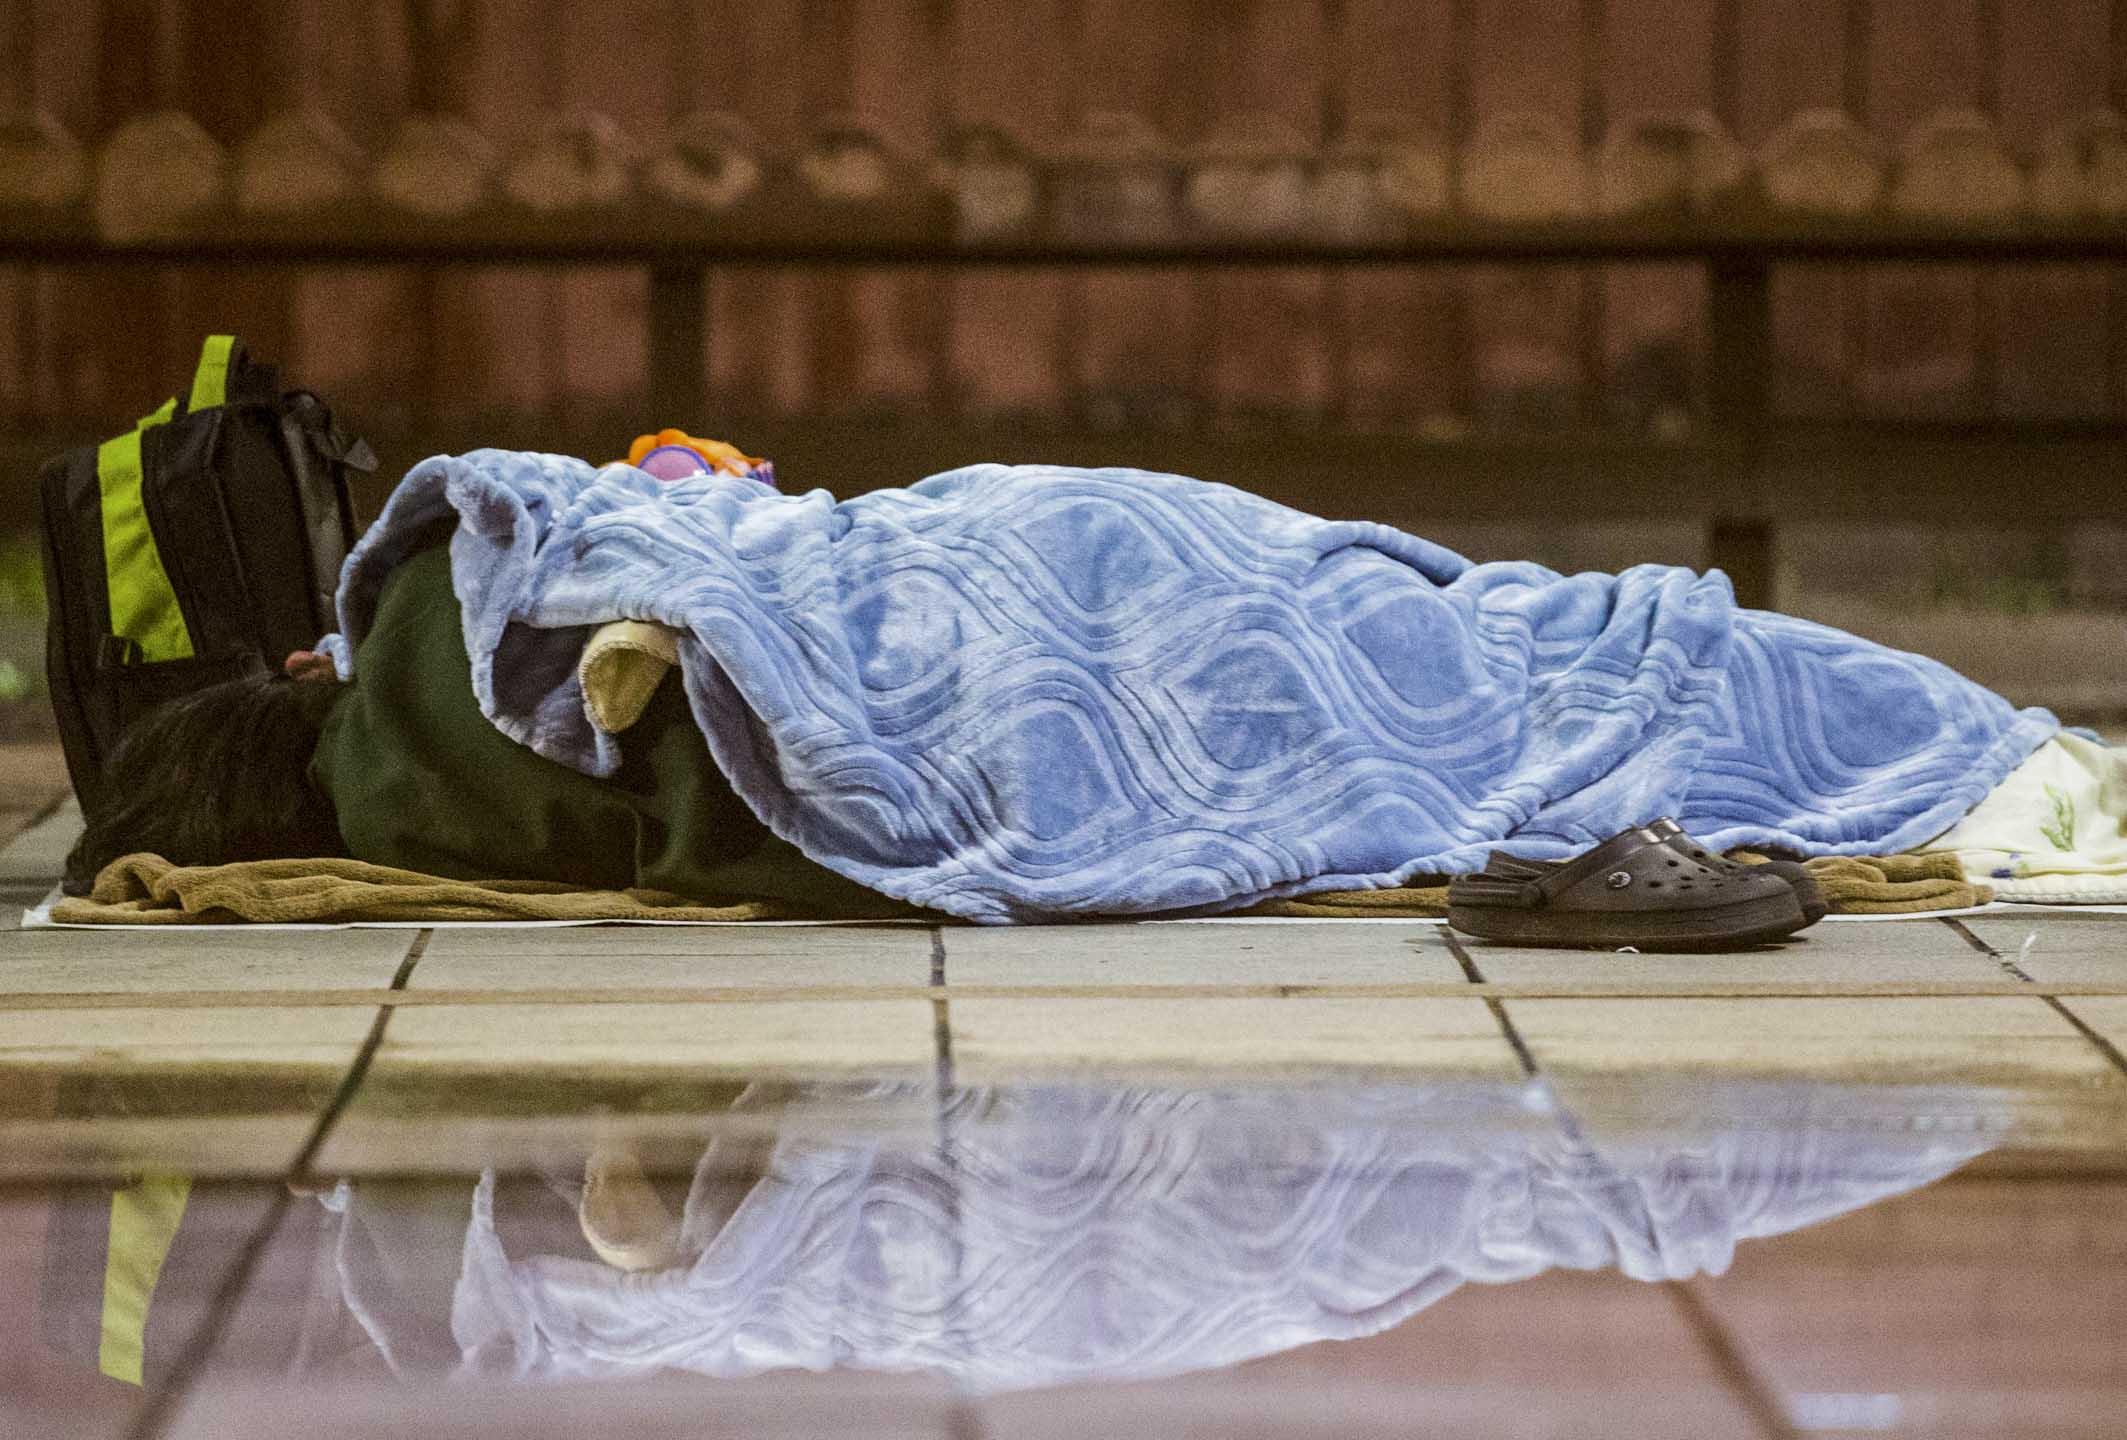 流浪體驗營由長期關注、服務街友的芒草心協會主辦,希望透過實際看見、體驗無家者的生活樣貌,進而認識、同理無家者的處境。圖為街上的一名無家者。 攝:Imagine China